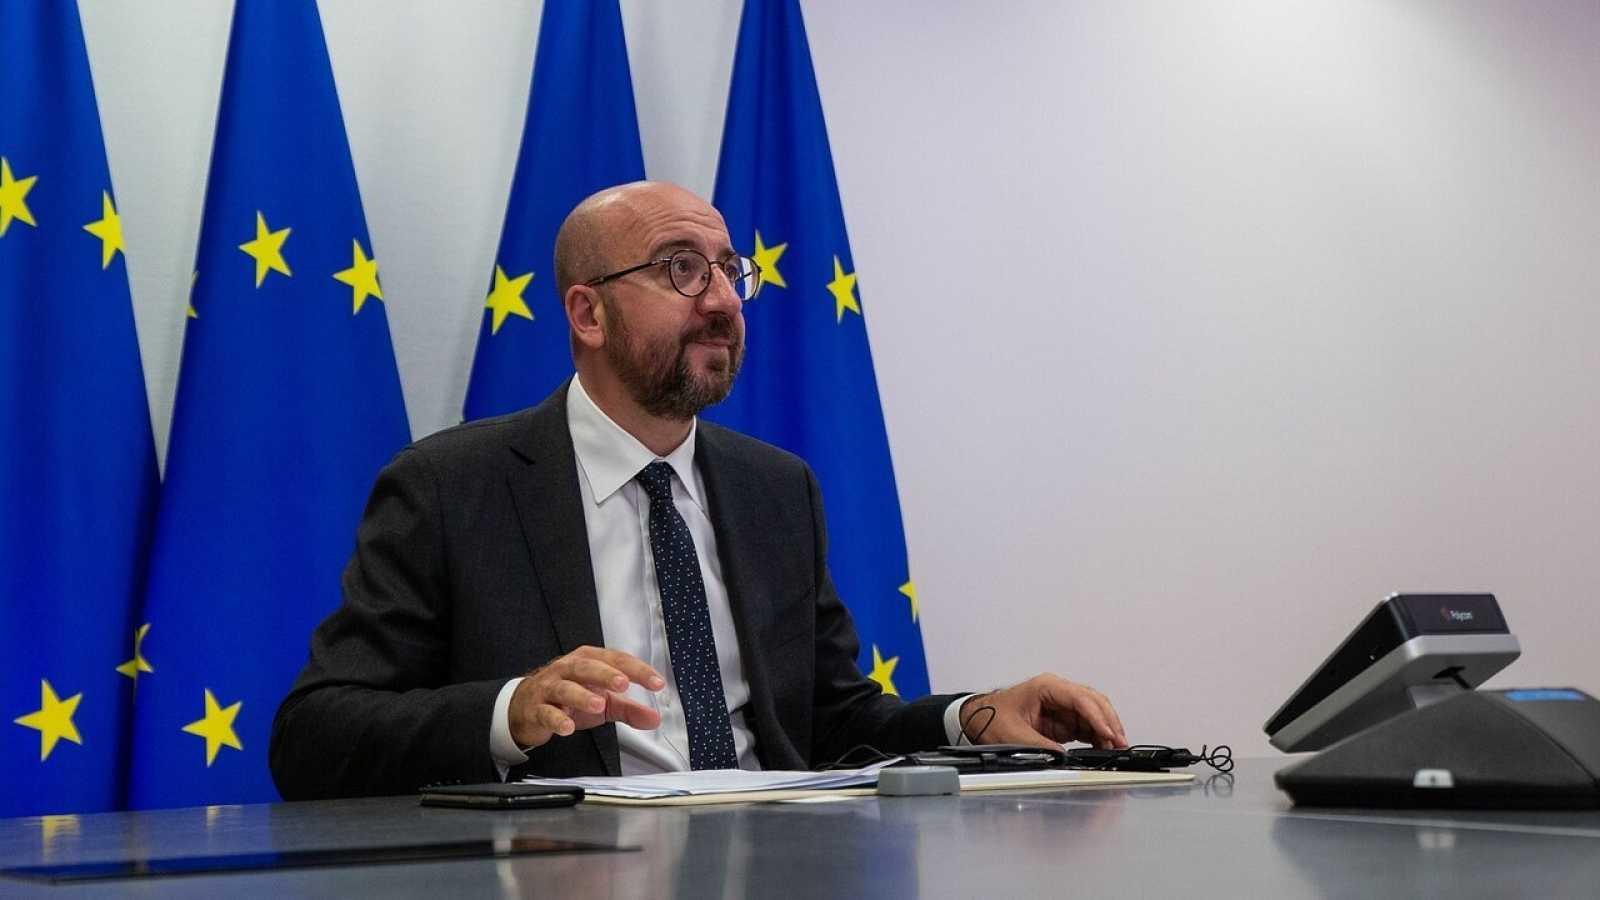 El presidente del Consejo Europeo, Charles Michel, durante una videoconferencia